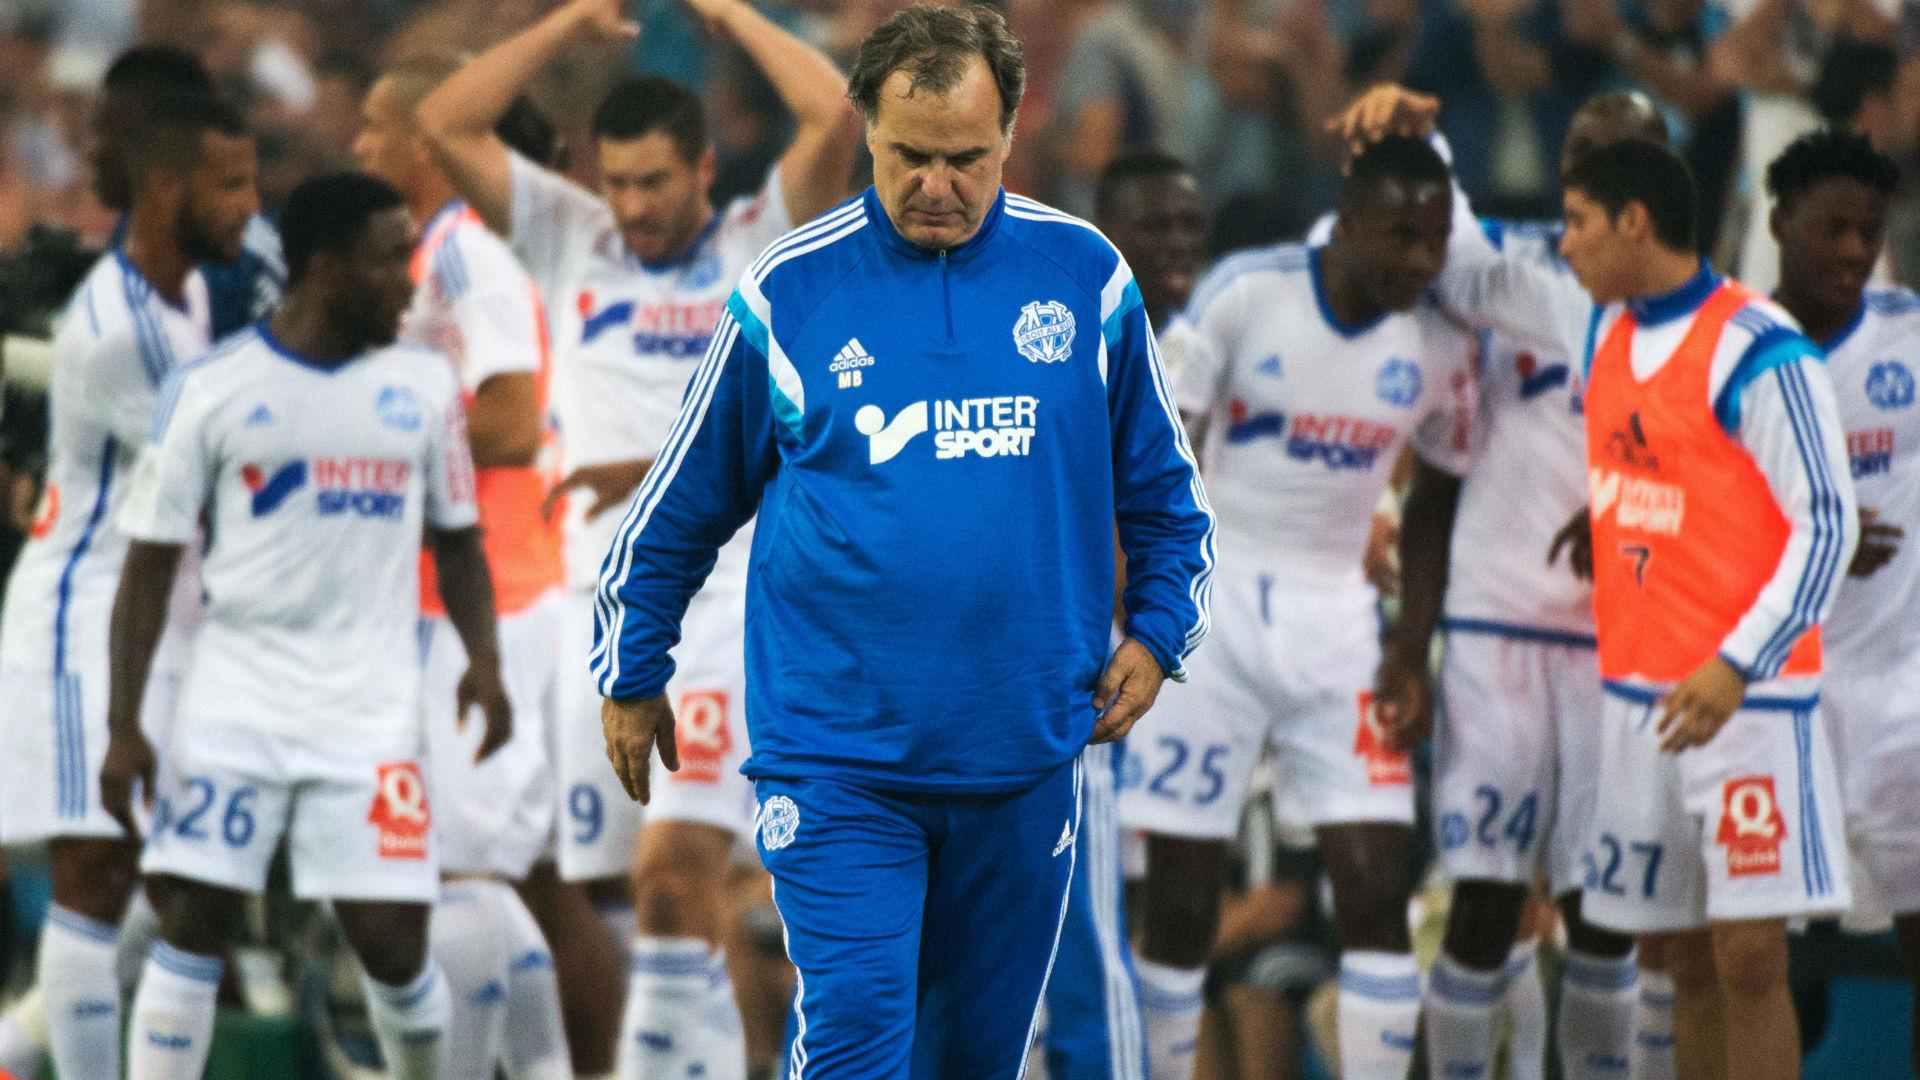 Marcelo Bielsa Marseille Saint-Etienne Ligue 1 28092014